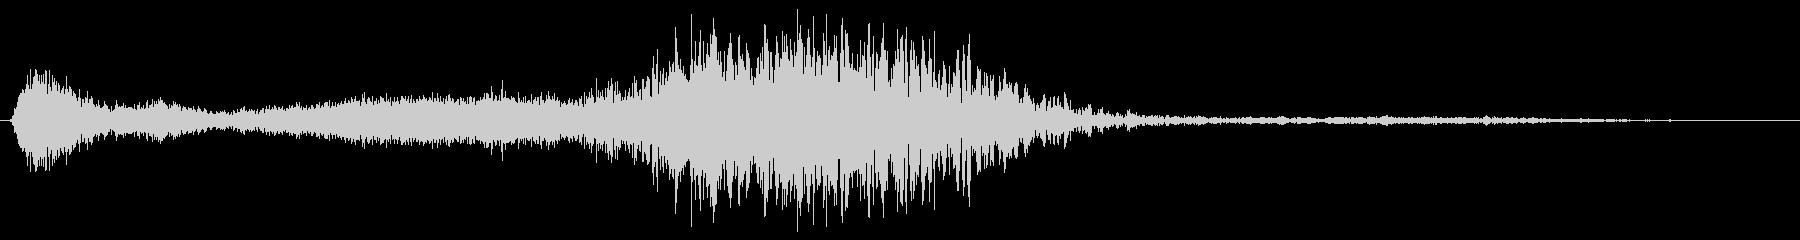 薄いシュー音の未再生の波形